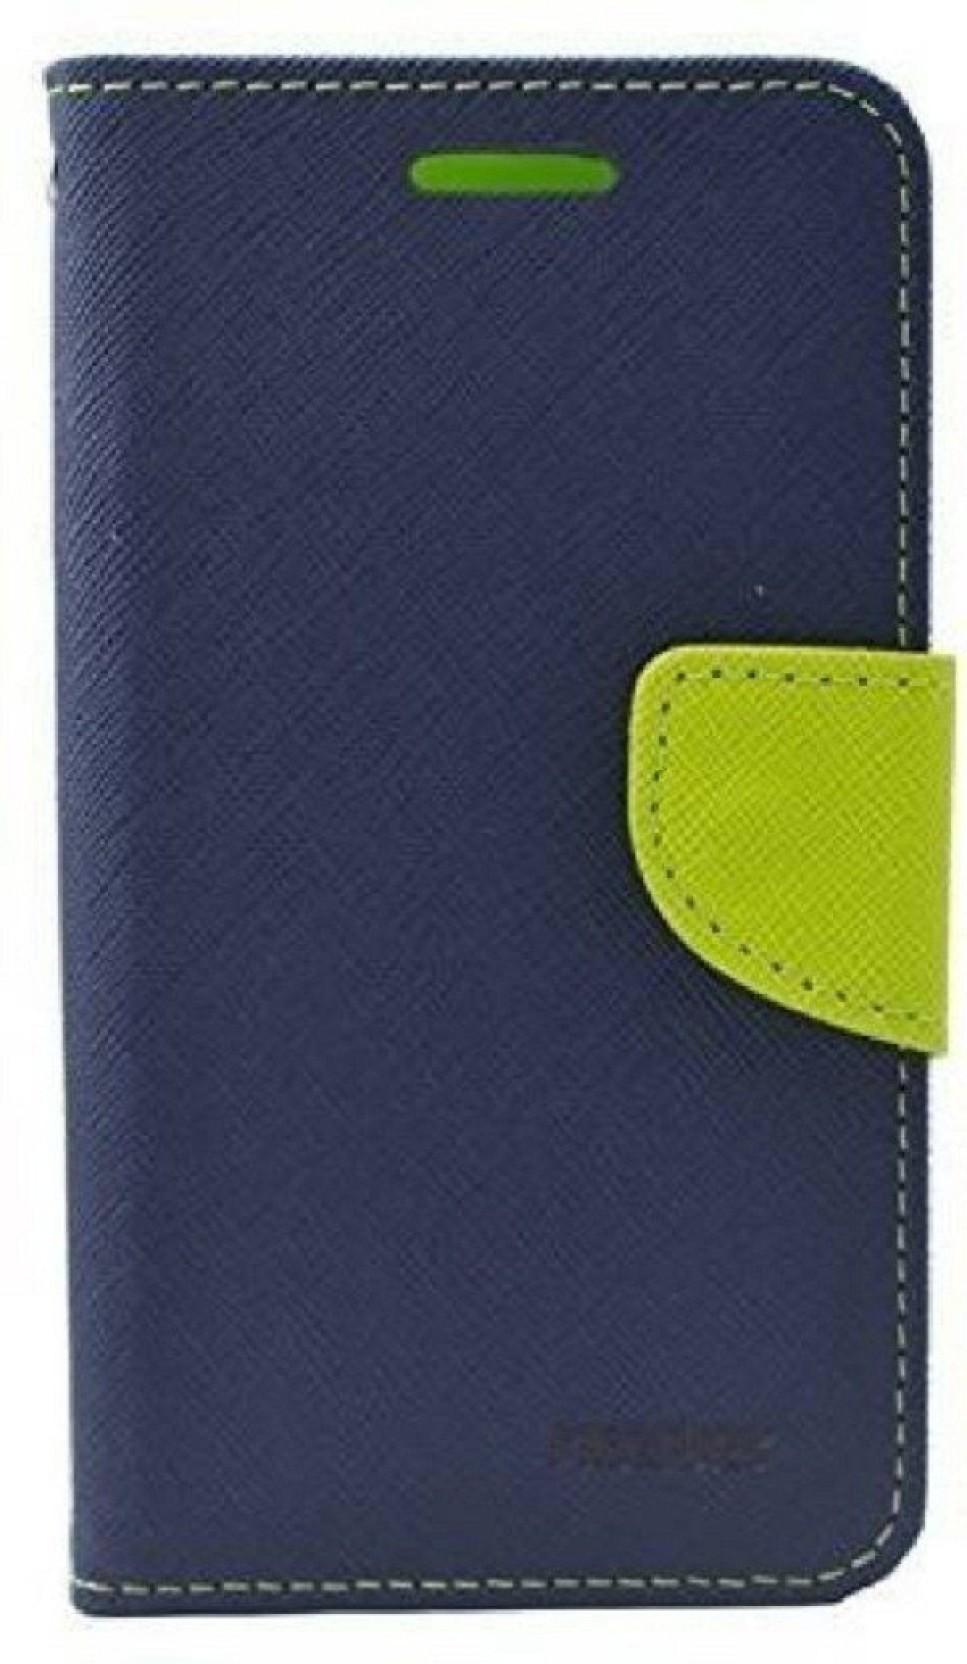 SPAZY CASE Flip Cover for Lenovo K8 Plus - SPAZY CASE